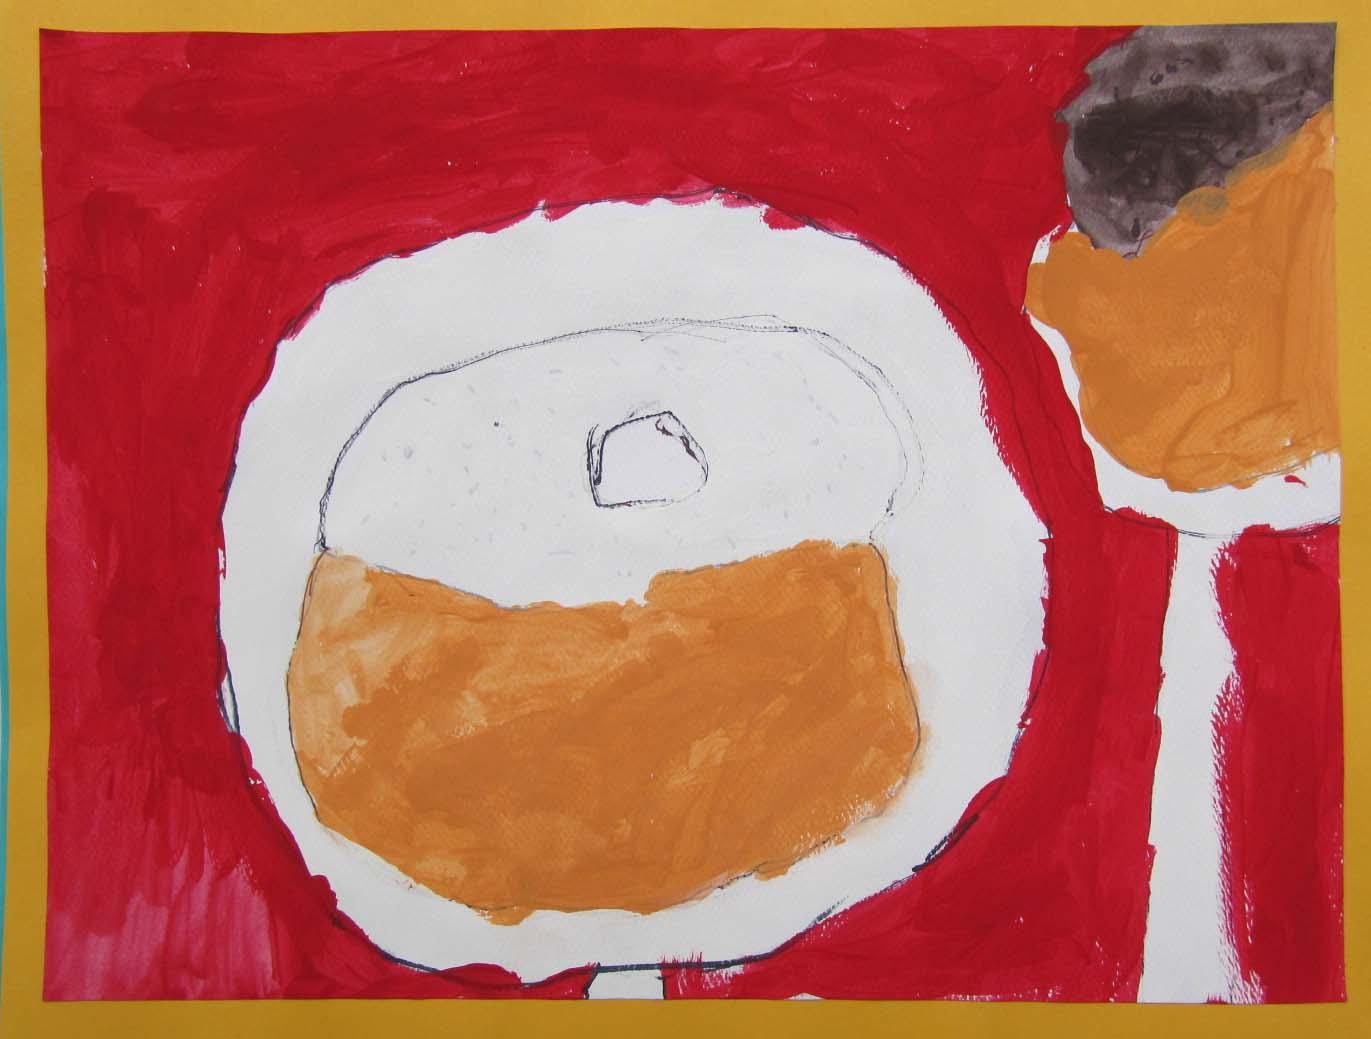 Zachary, age 8